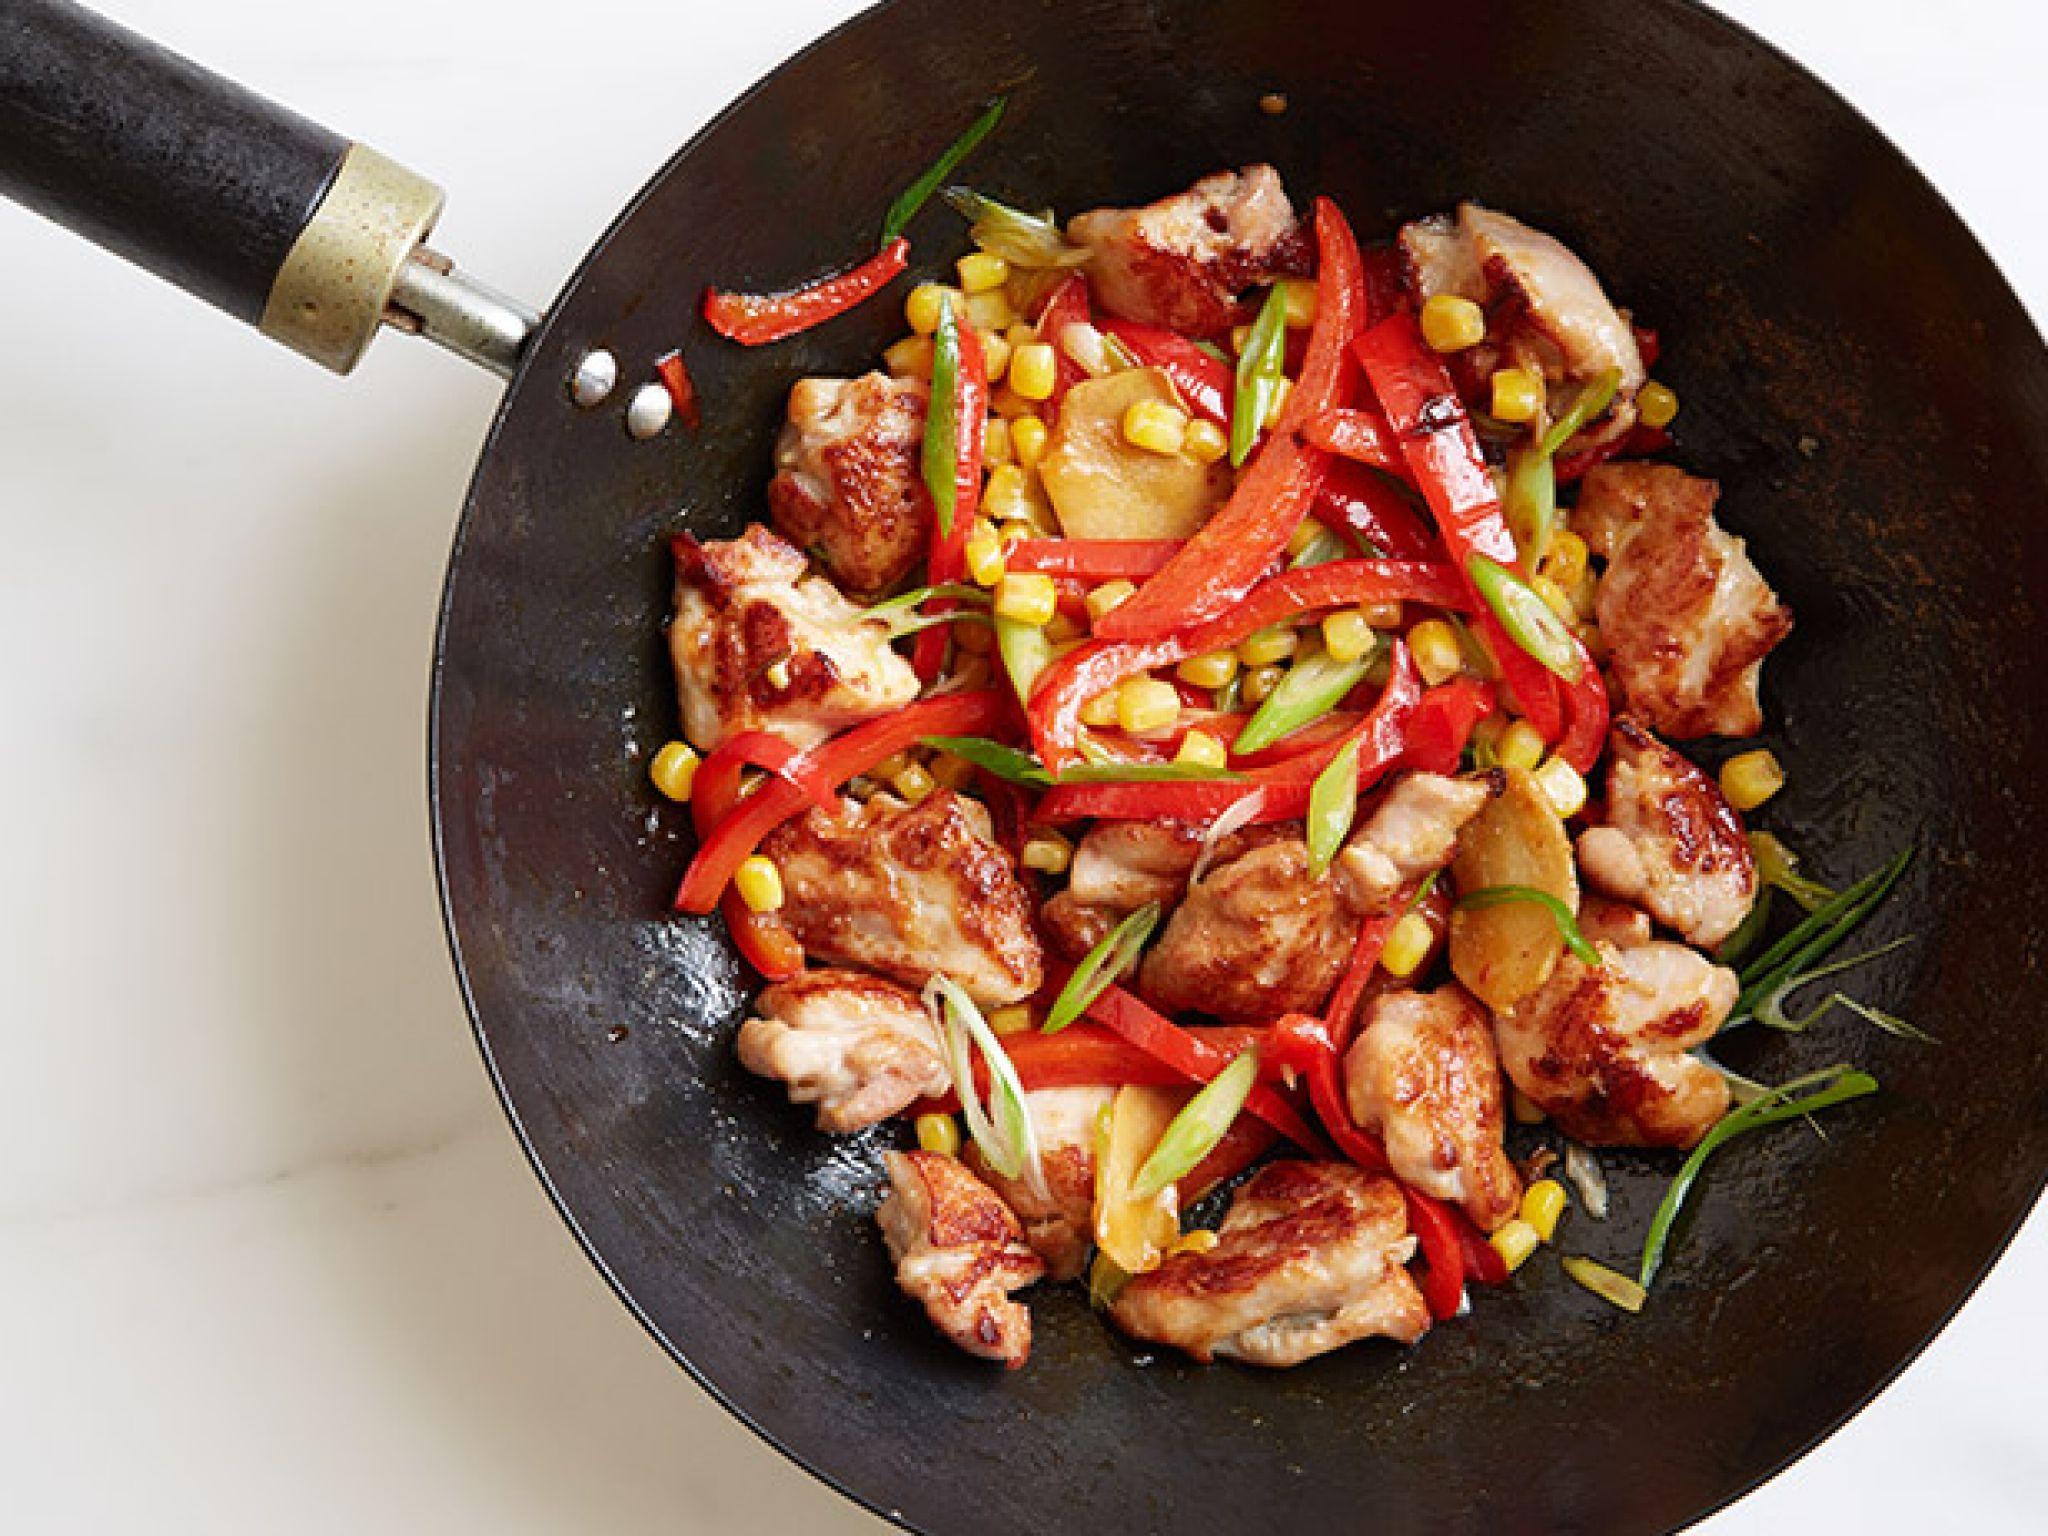 глазах, рецепт курицы по мексикански с фото уделяет равное внимание